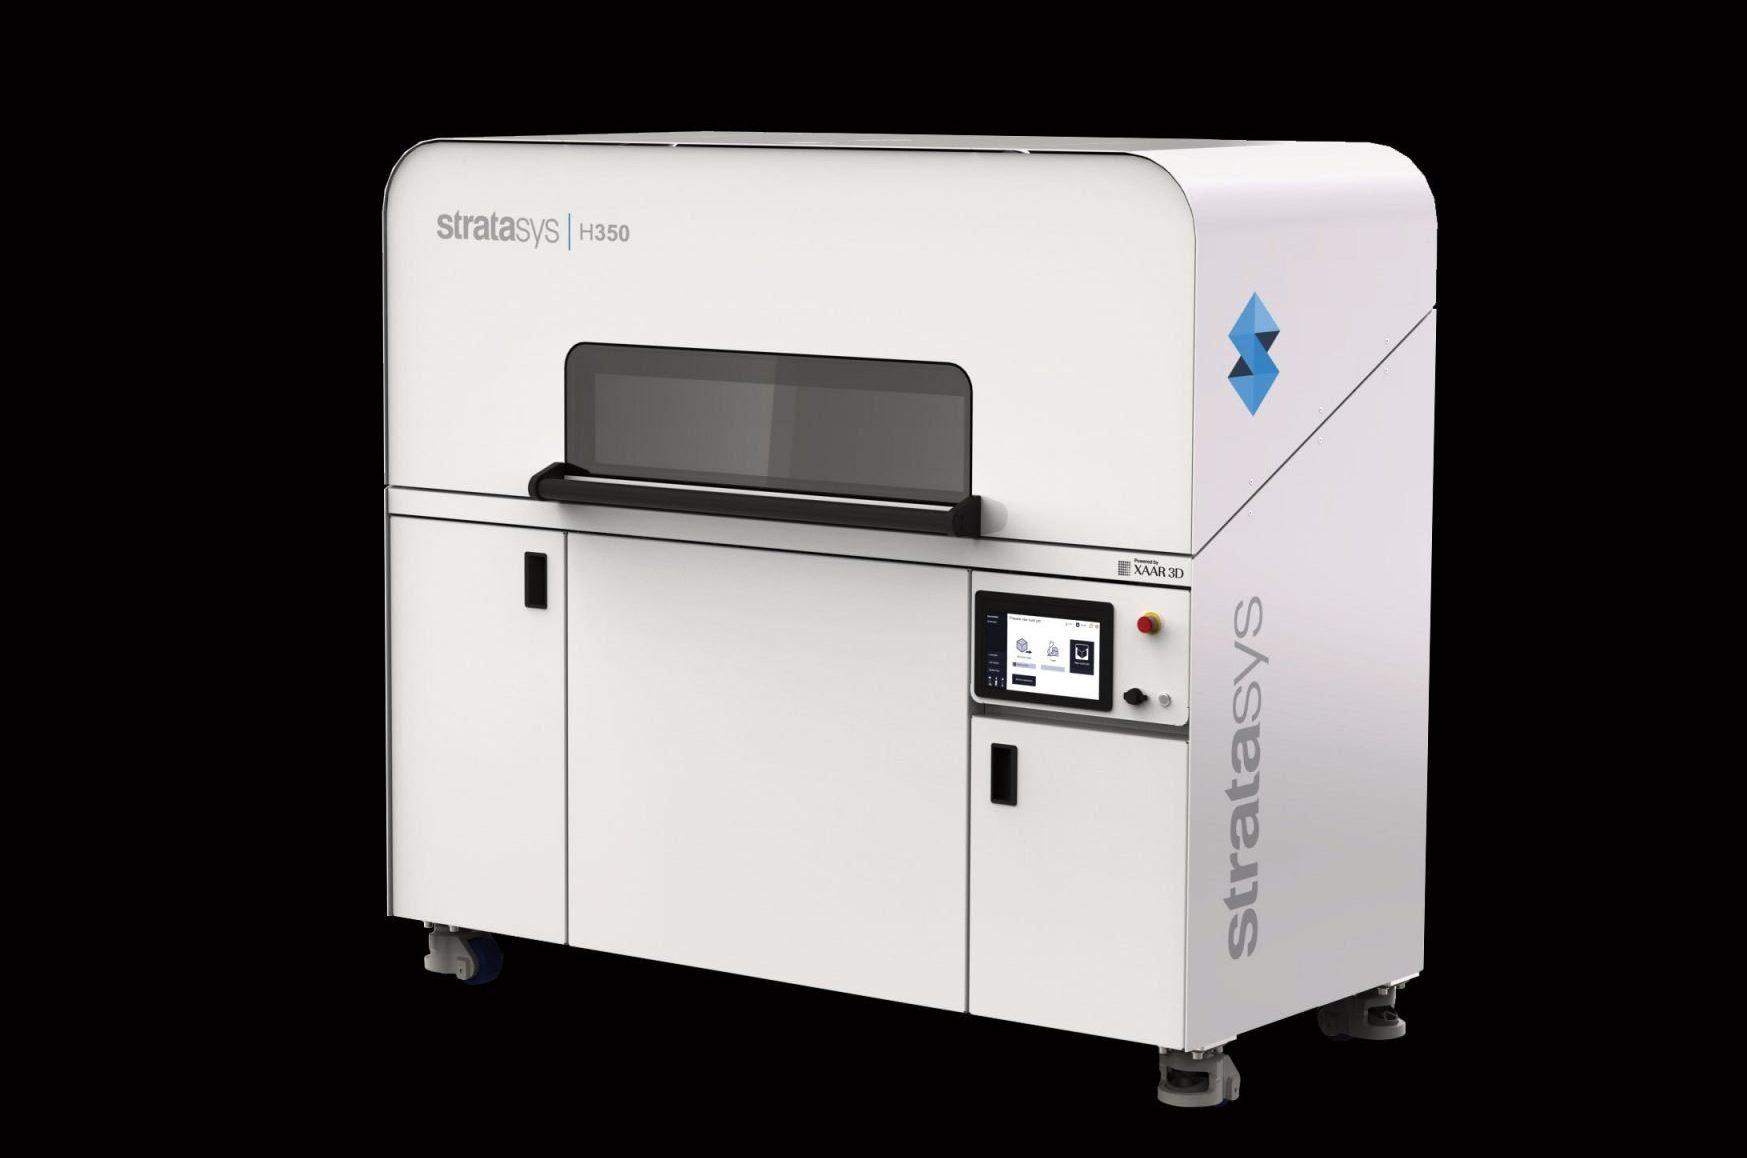 סטרטסיס רוכשת את XAAR 3D על מנת להאיץ את יכולות ההדפסה בתלת מימד. סקירה דוסיז צרכנות